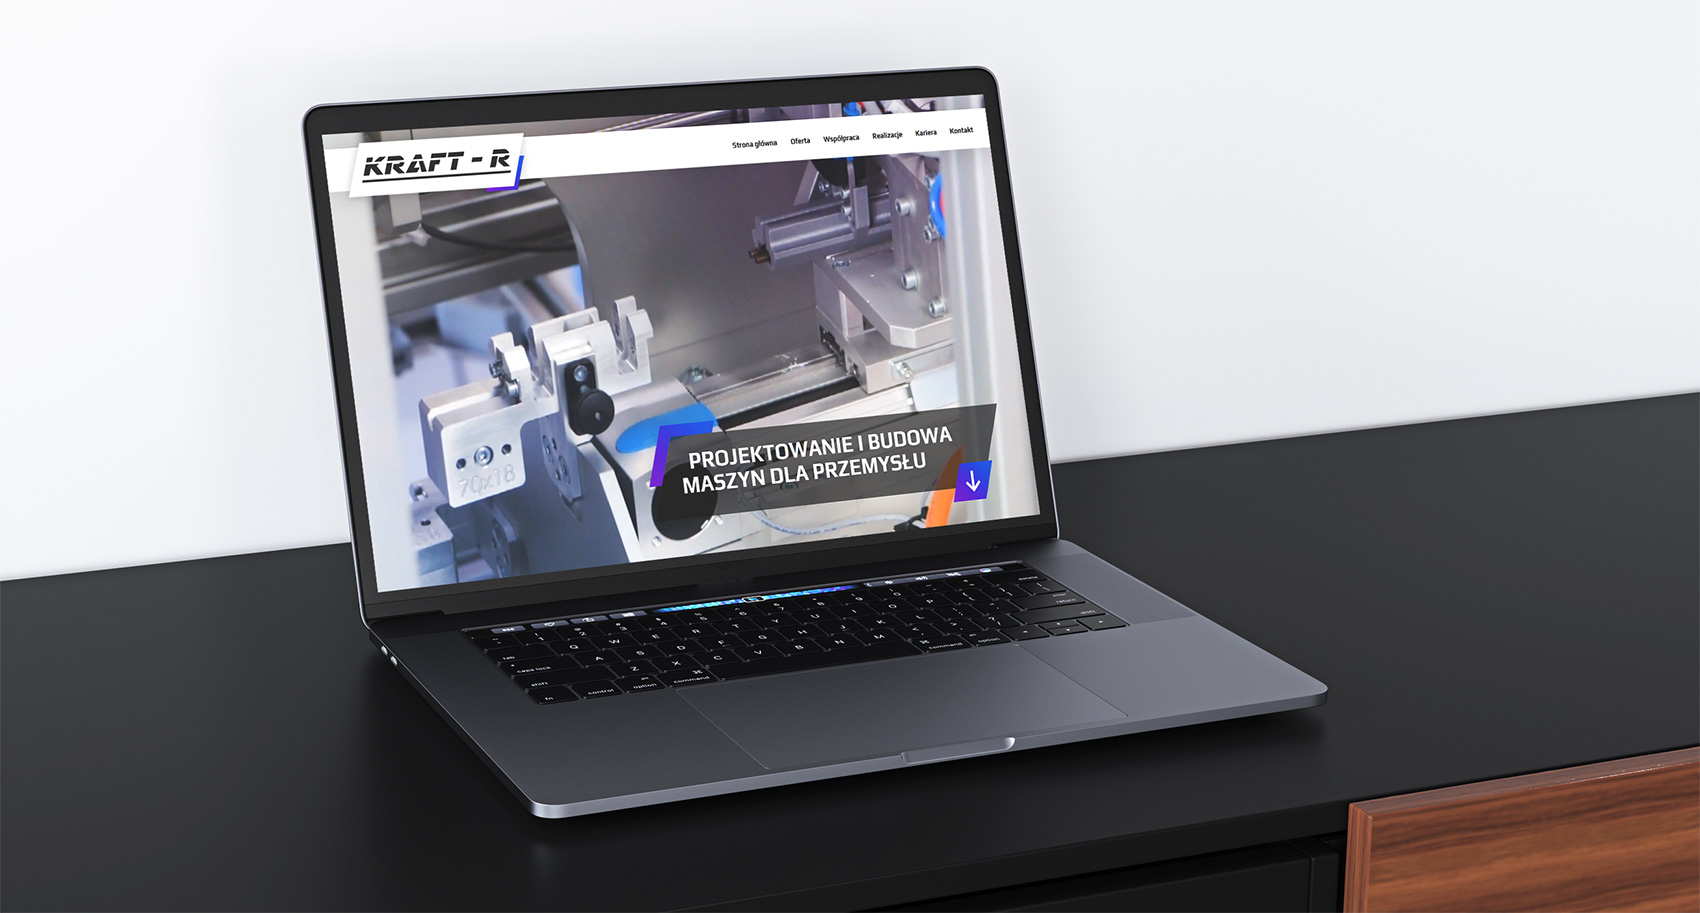 Kraft-r / <span>Projektowanie i budowa maszyn</span>